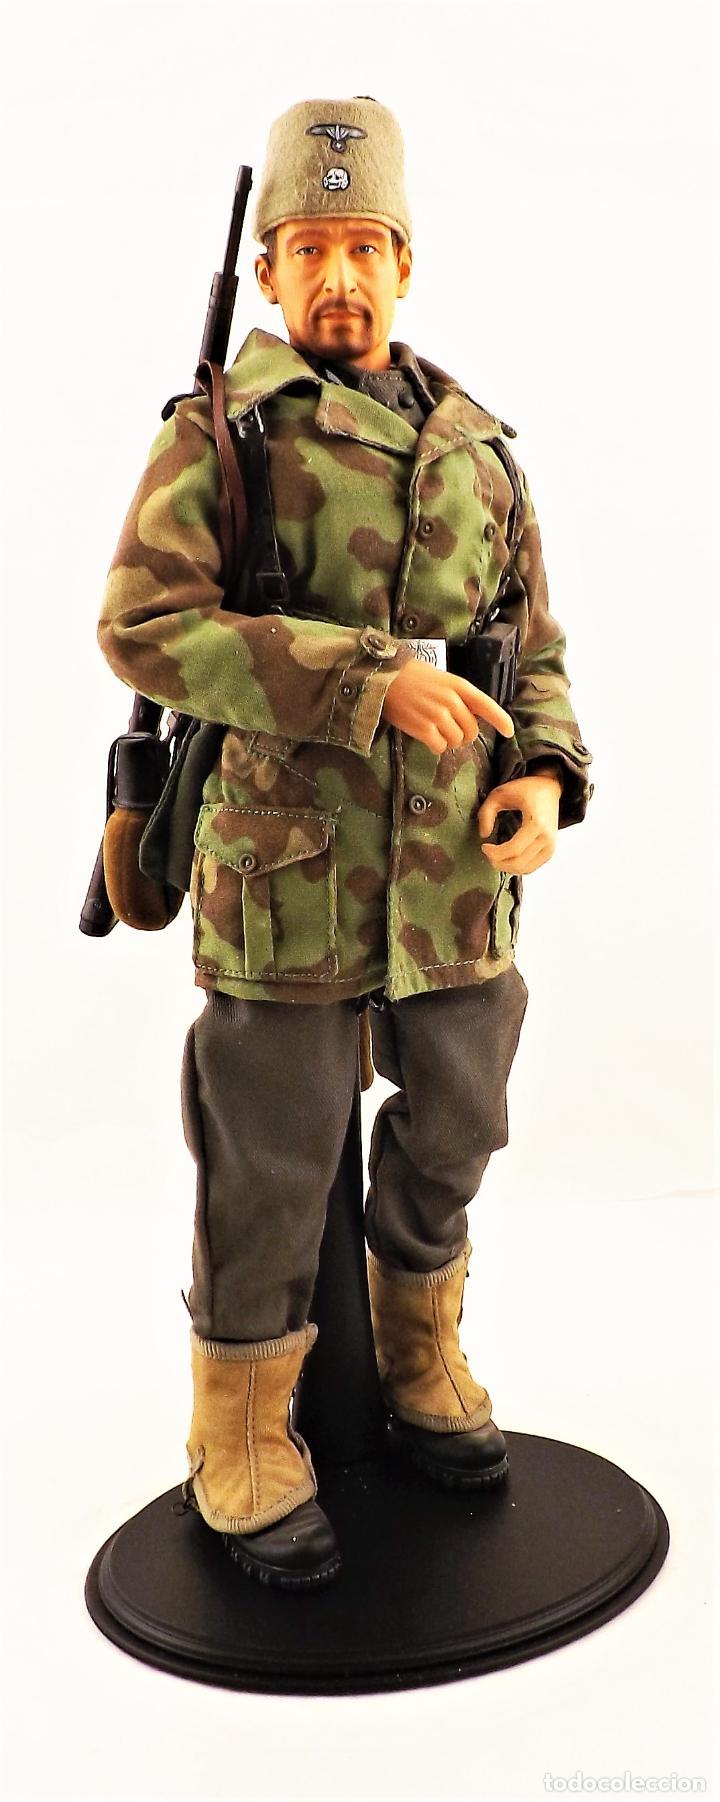 Figuras de acción: Soportes expositores para figuras y muñecas (3 conjuntos completos) - Foto 6 - 288481078